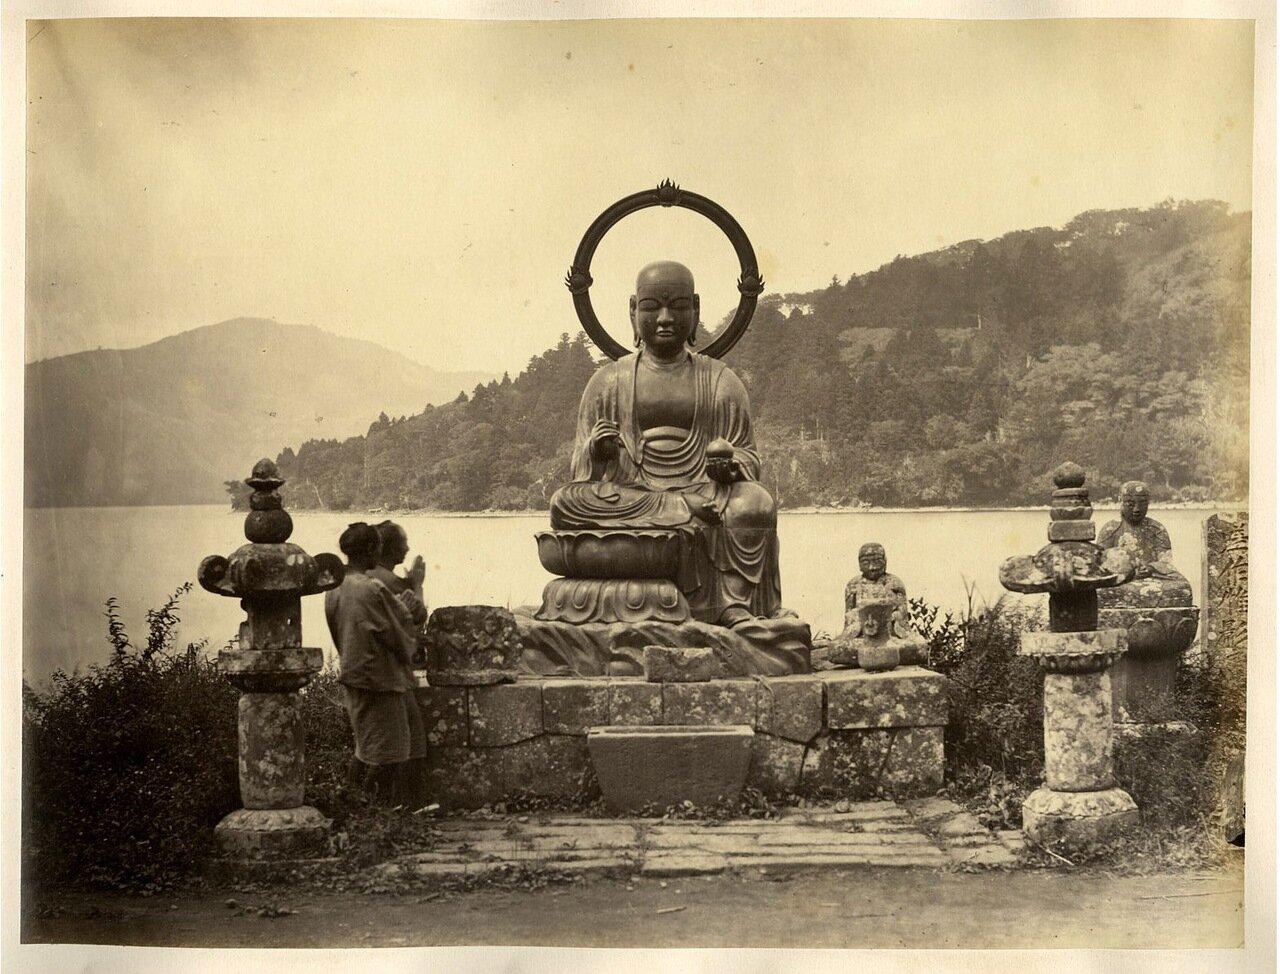 Хаконе. Бронзовая статуя